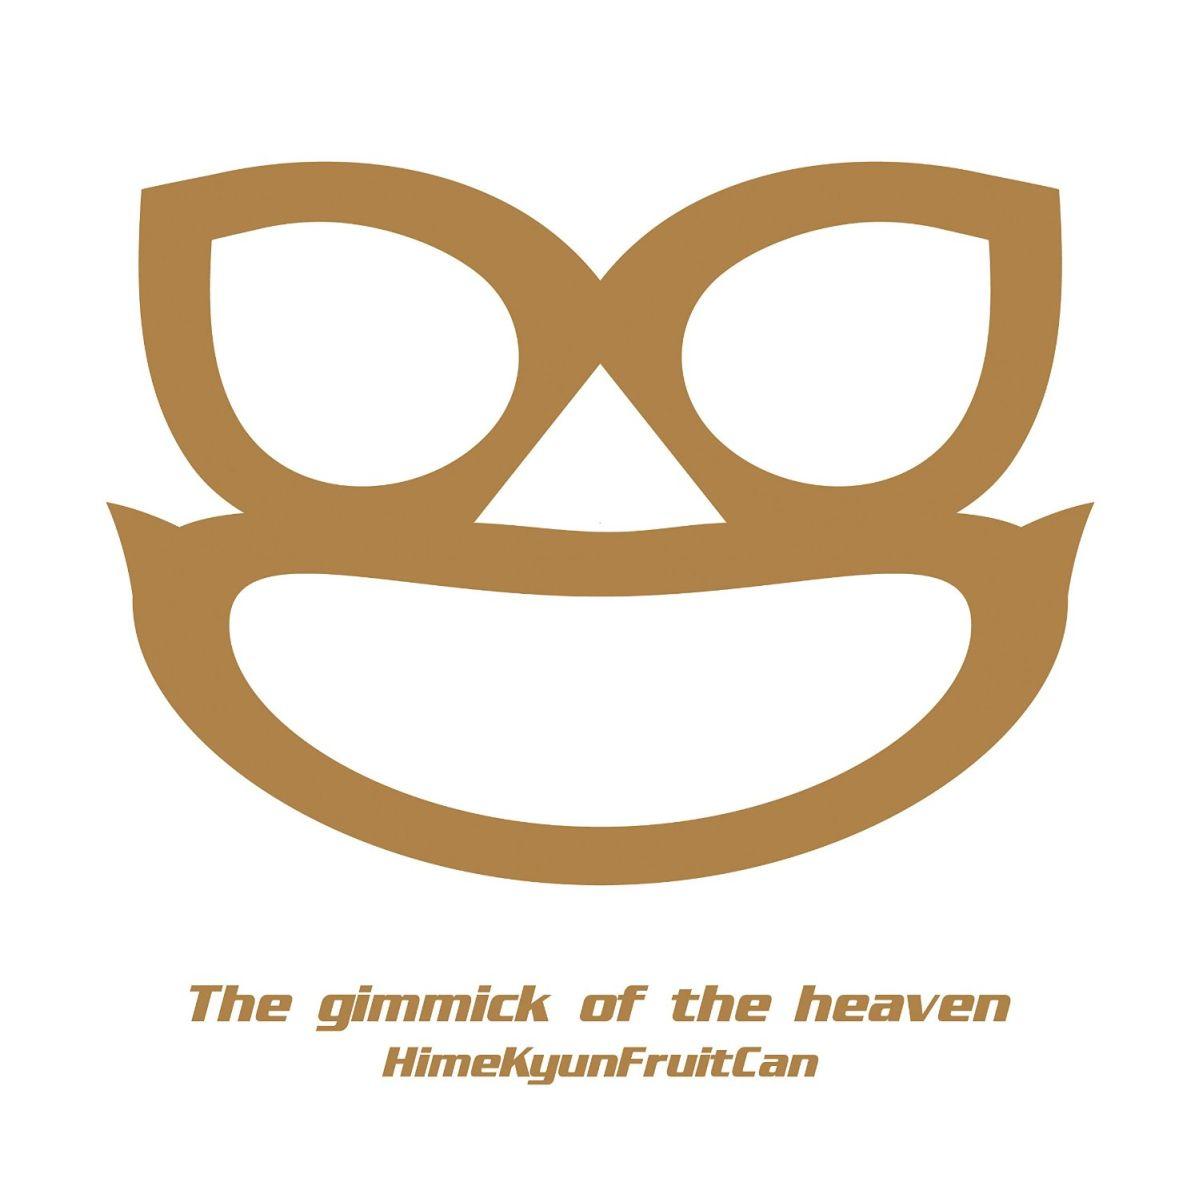 天国ギミック (初回限定盤 CD+DVD) [ ひめキュンフルーツ缶 ]